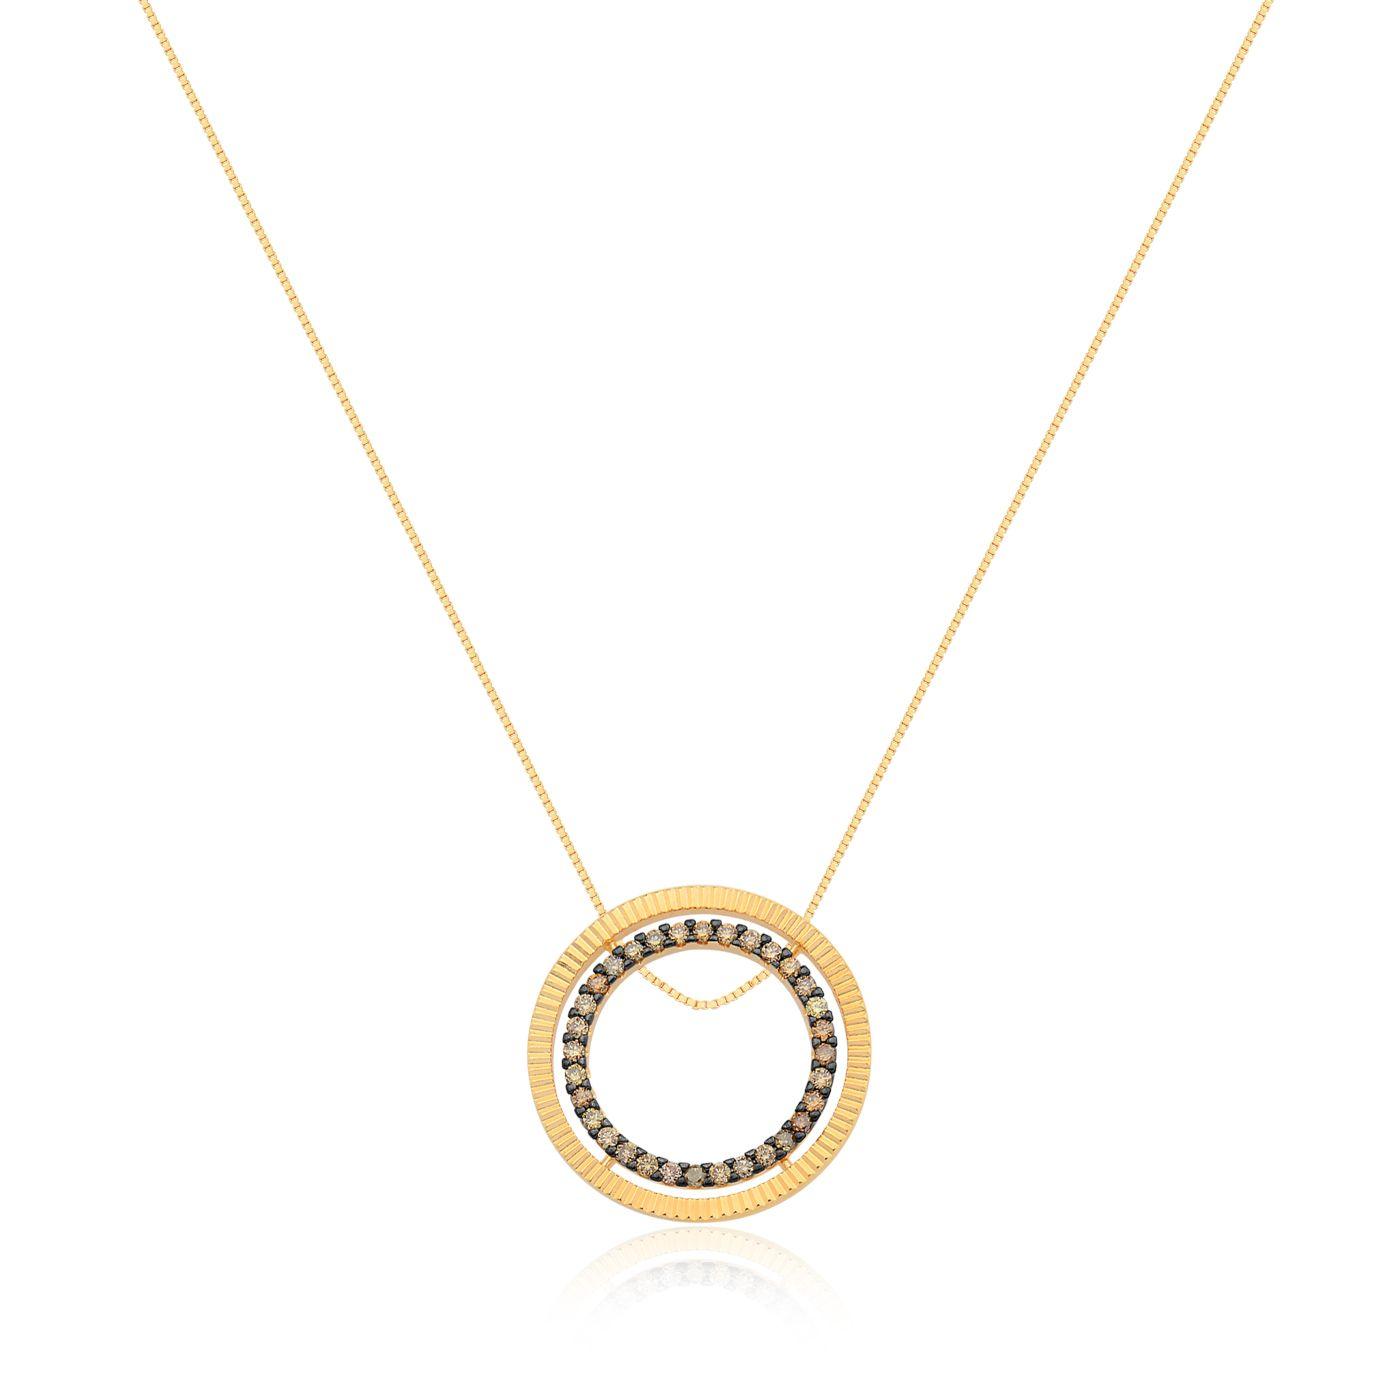 5ece5e74a5897 Pingente Ouro Amarelo e Diamante - Coleção Simetria   Acessórios ...